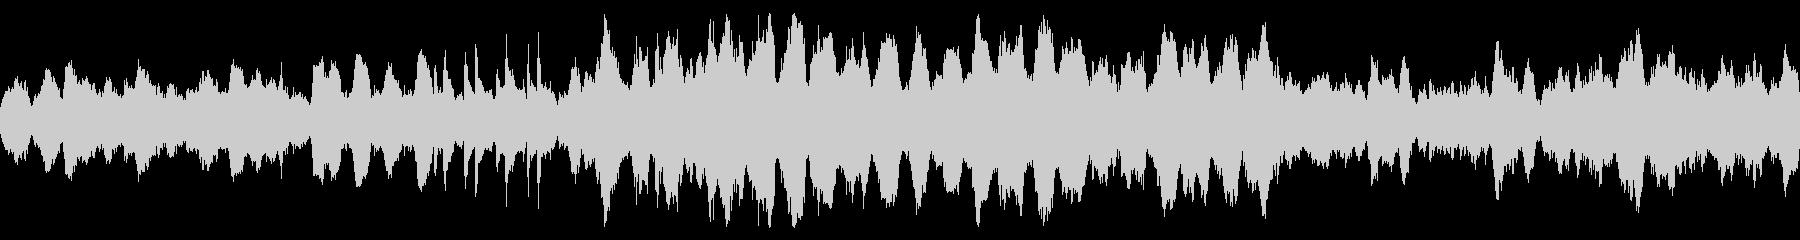 旧版RPG向けオーケストラ曲『夜空』の未再生の波形